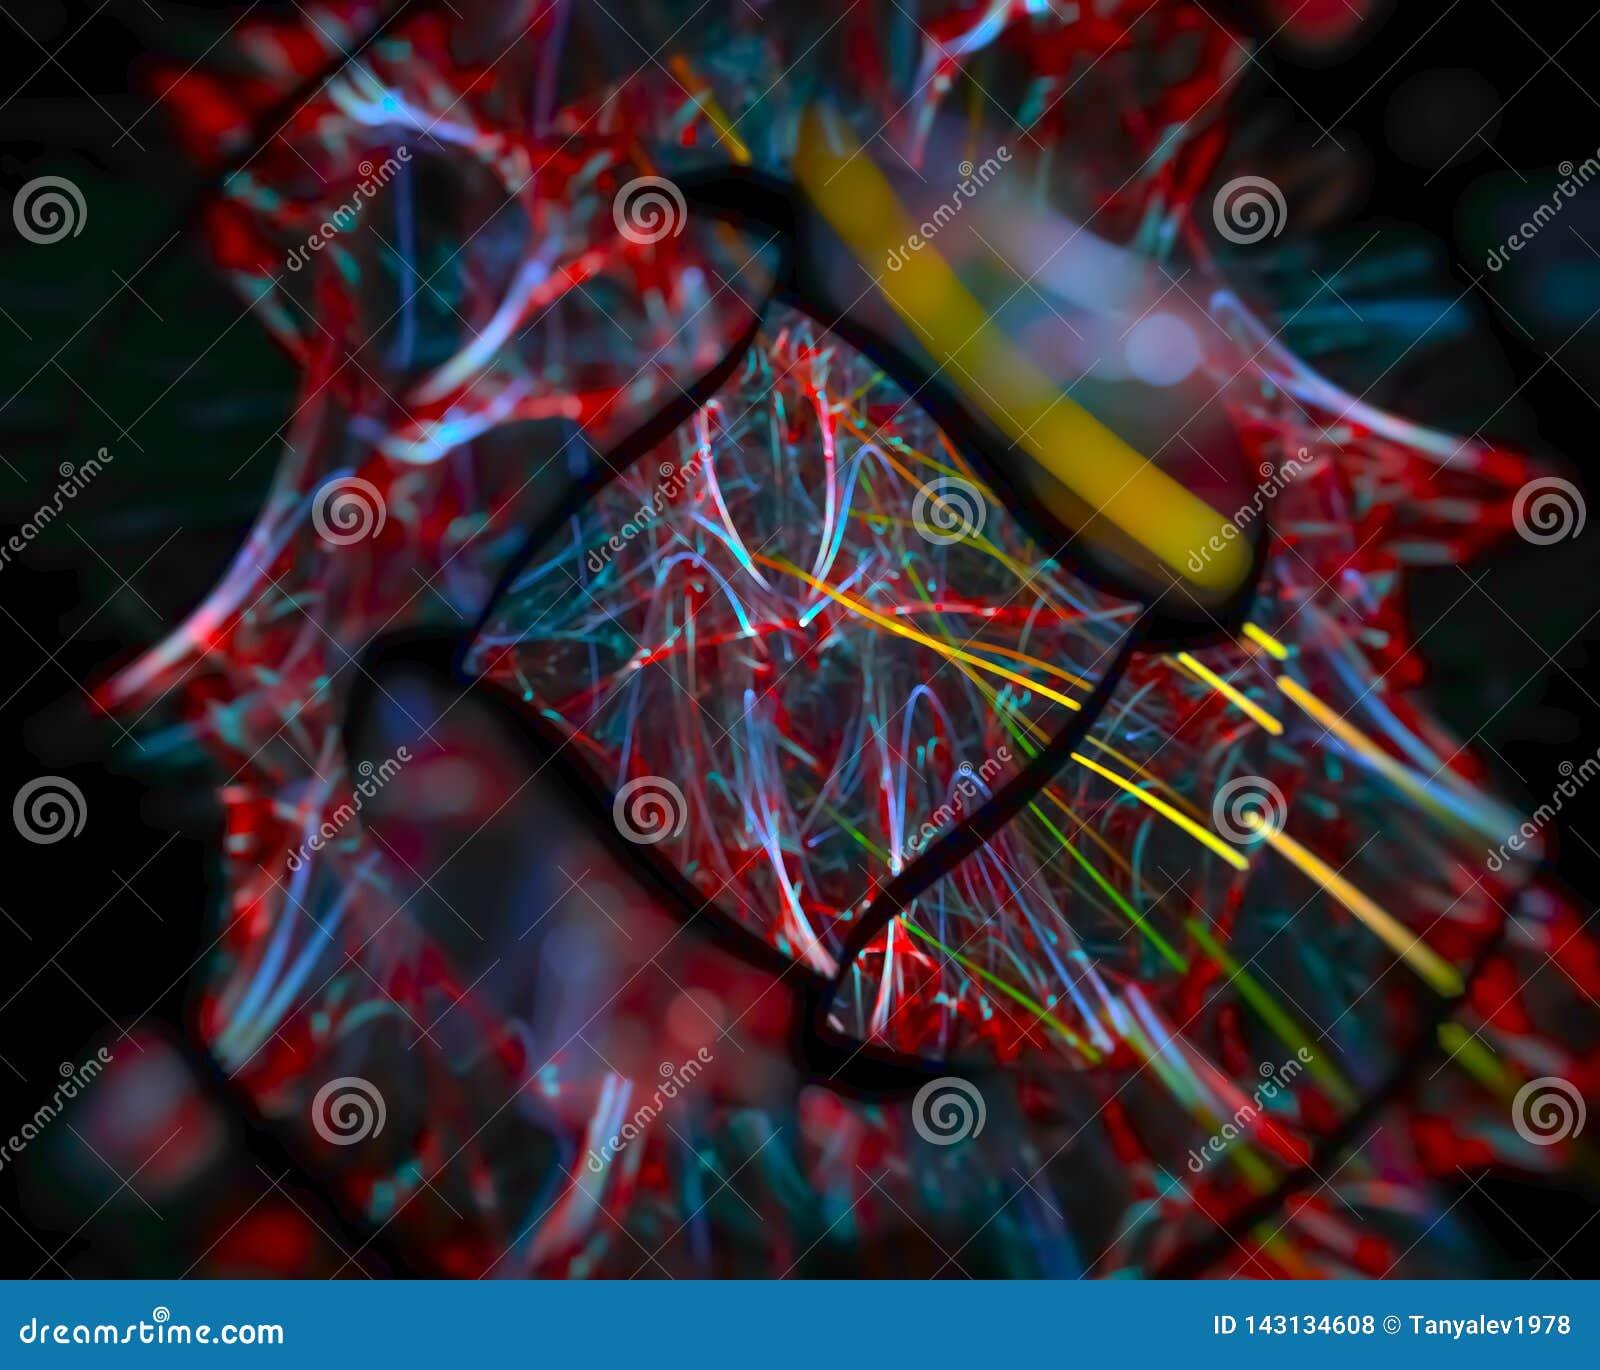 Абстрактный цифровой график света стиля фрактали, представляет художественный, элегантность, динамика